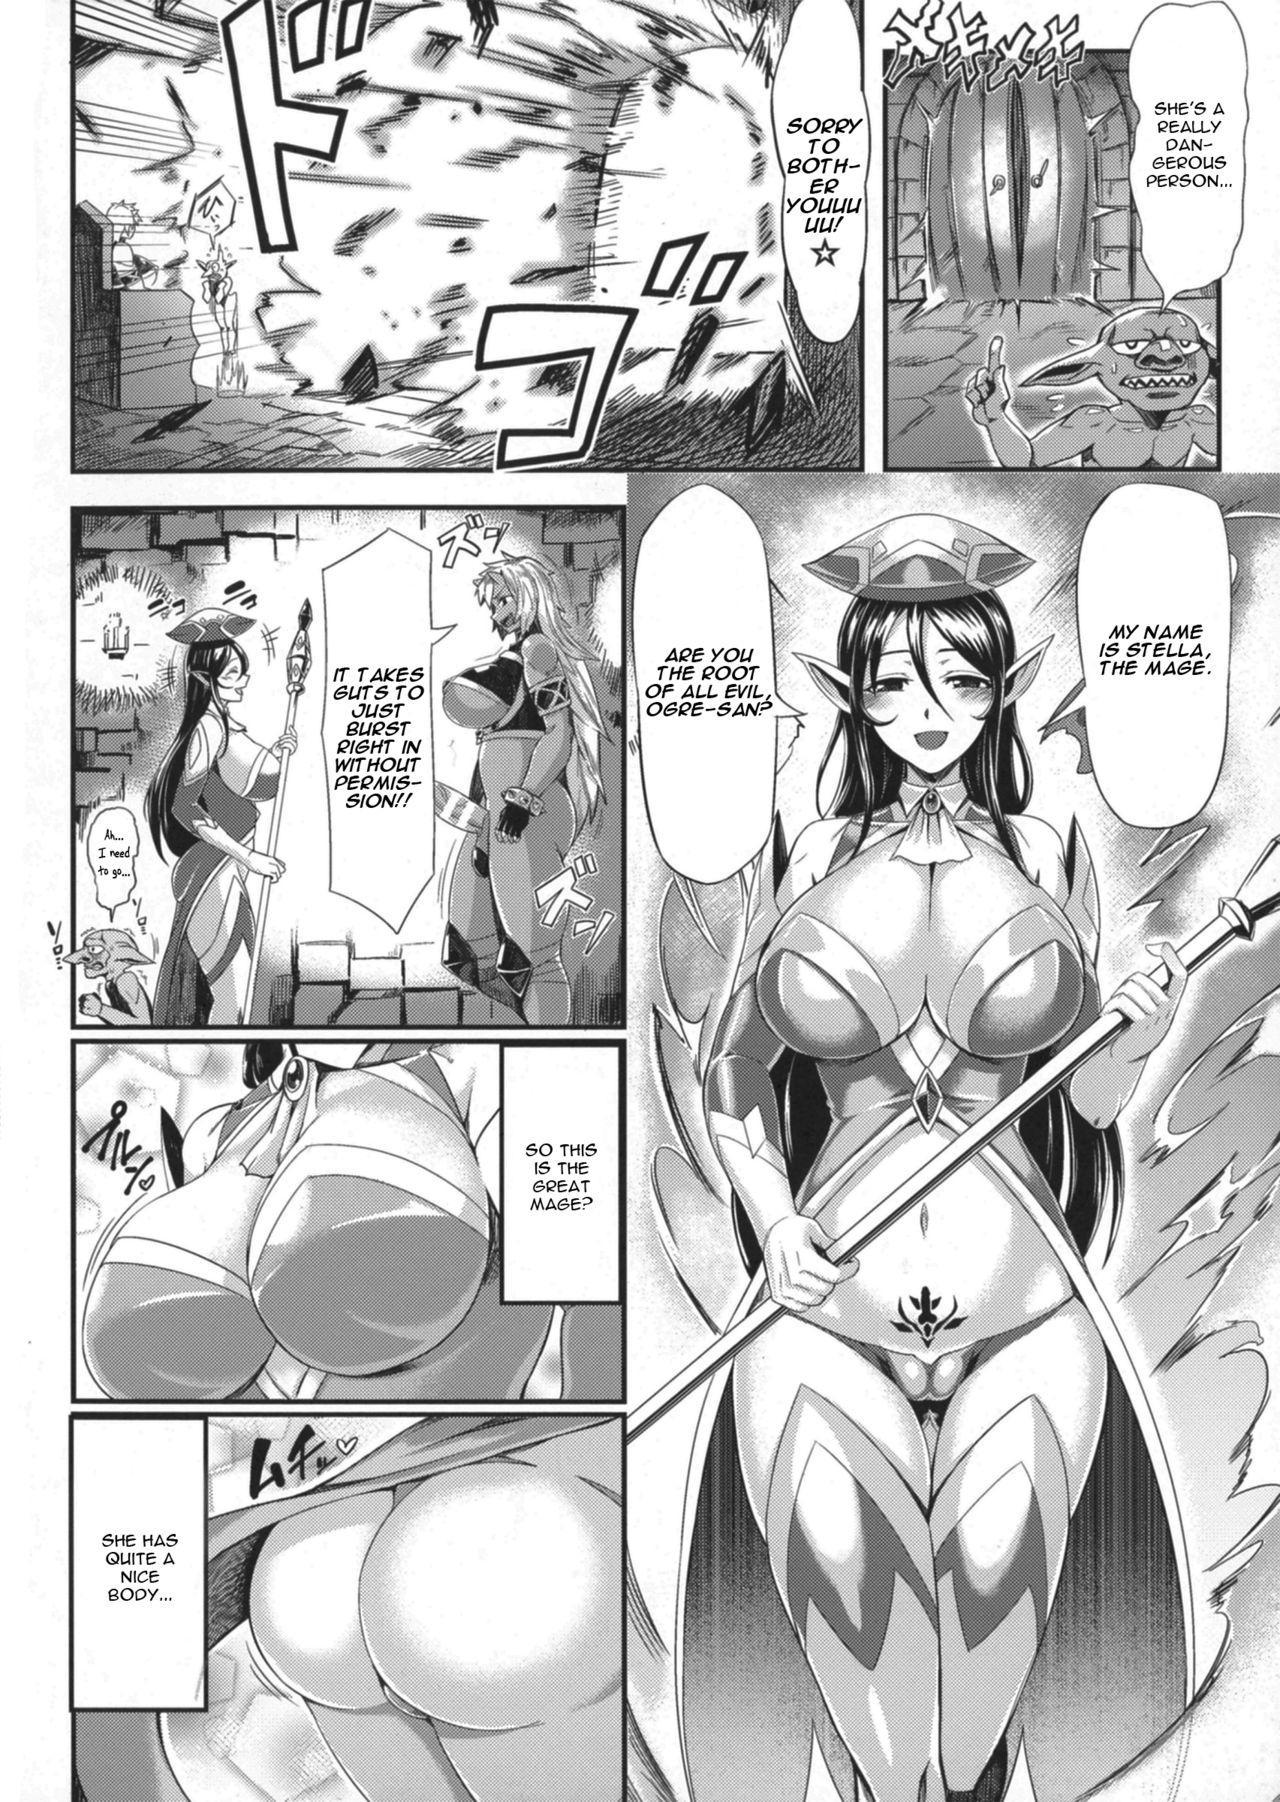 [Vuttya] Futanari Inki Helga ~Madoushi ni Gyaku Rape~ | Demonic Futanari Helga ~ Reverse Raped By Mage ~ (2D Comic Magazine Futanari Musume ni Nakadashi Haramase!) [English] [artfish] 4